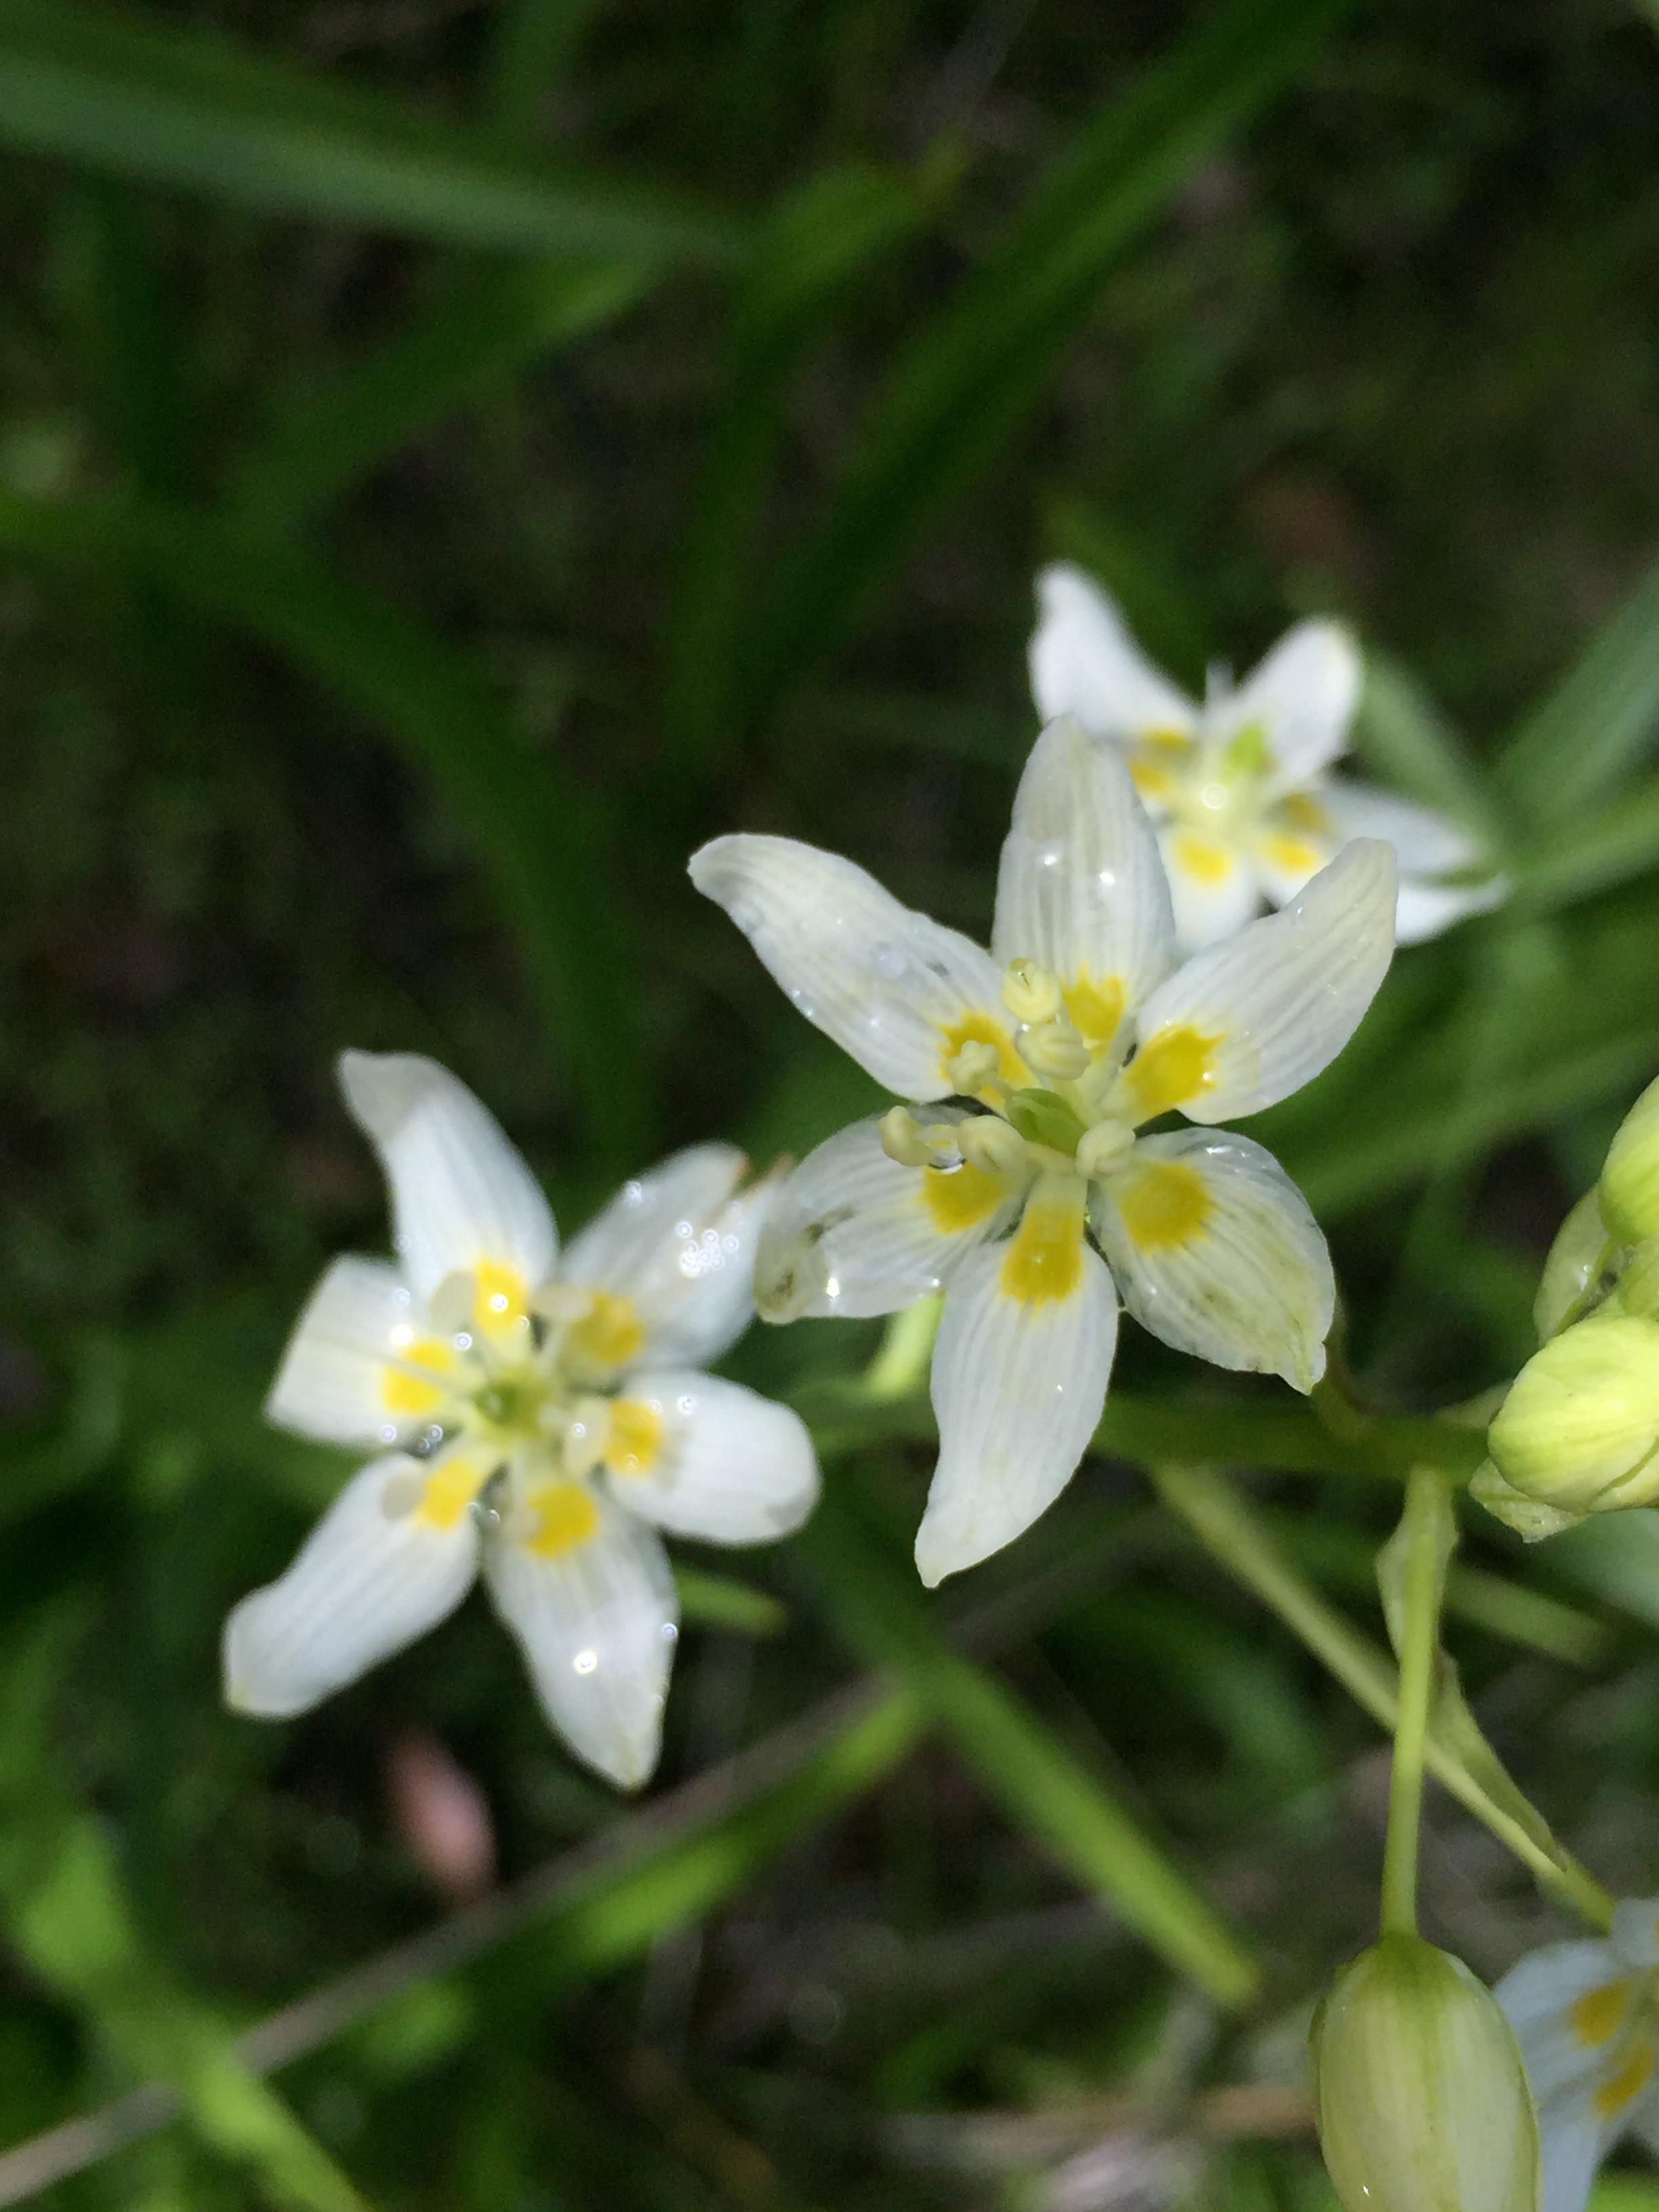 Fremont's star lily (Toxicoscordion fremontii)